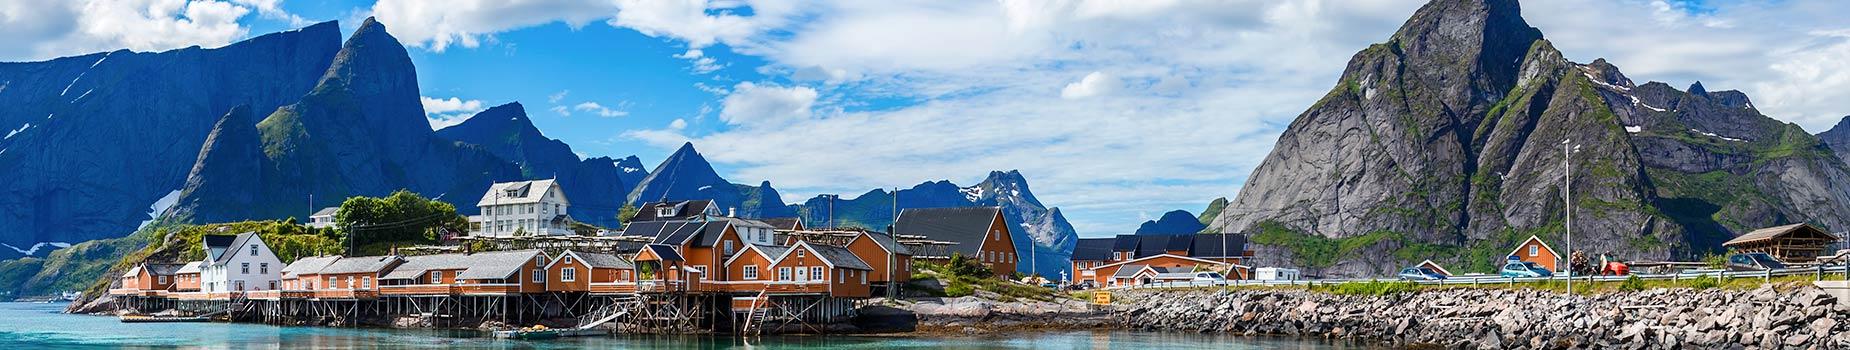 Busrondreis Noorwegen